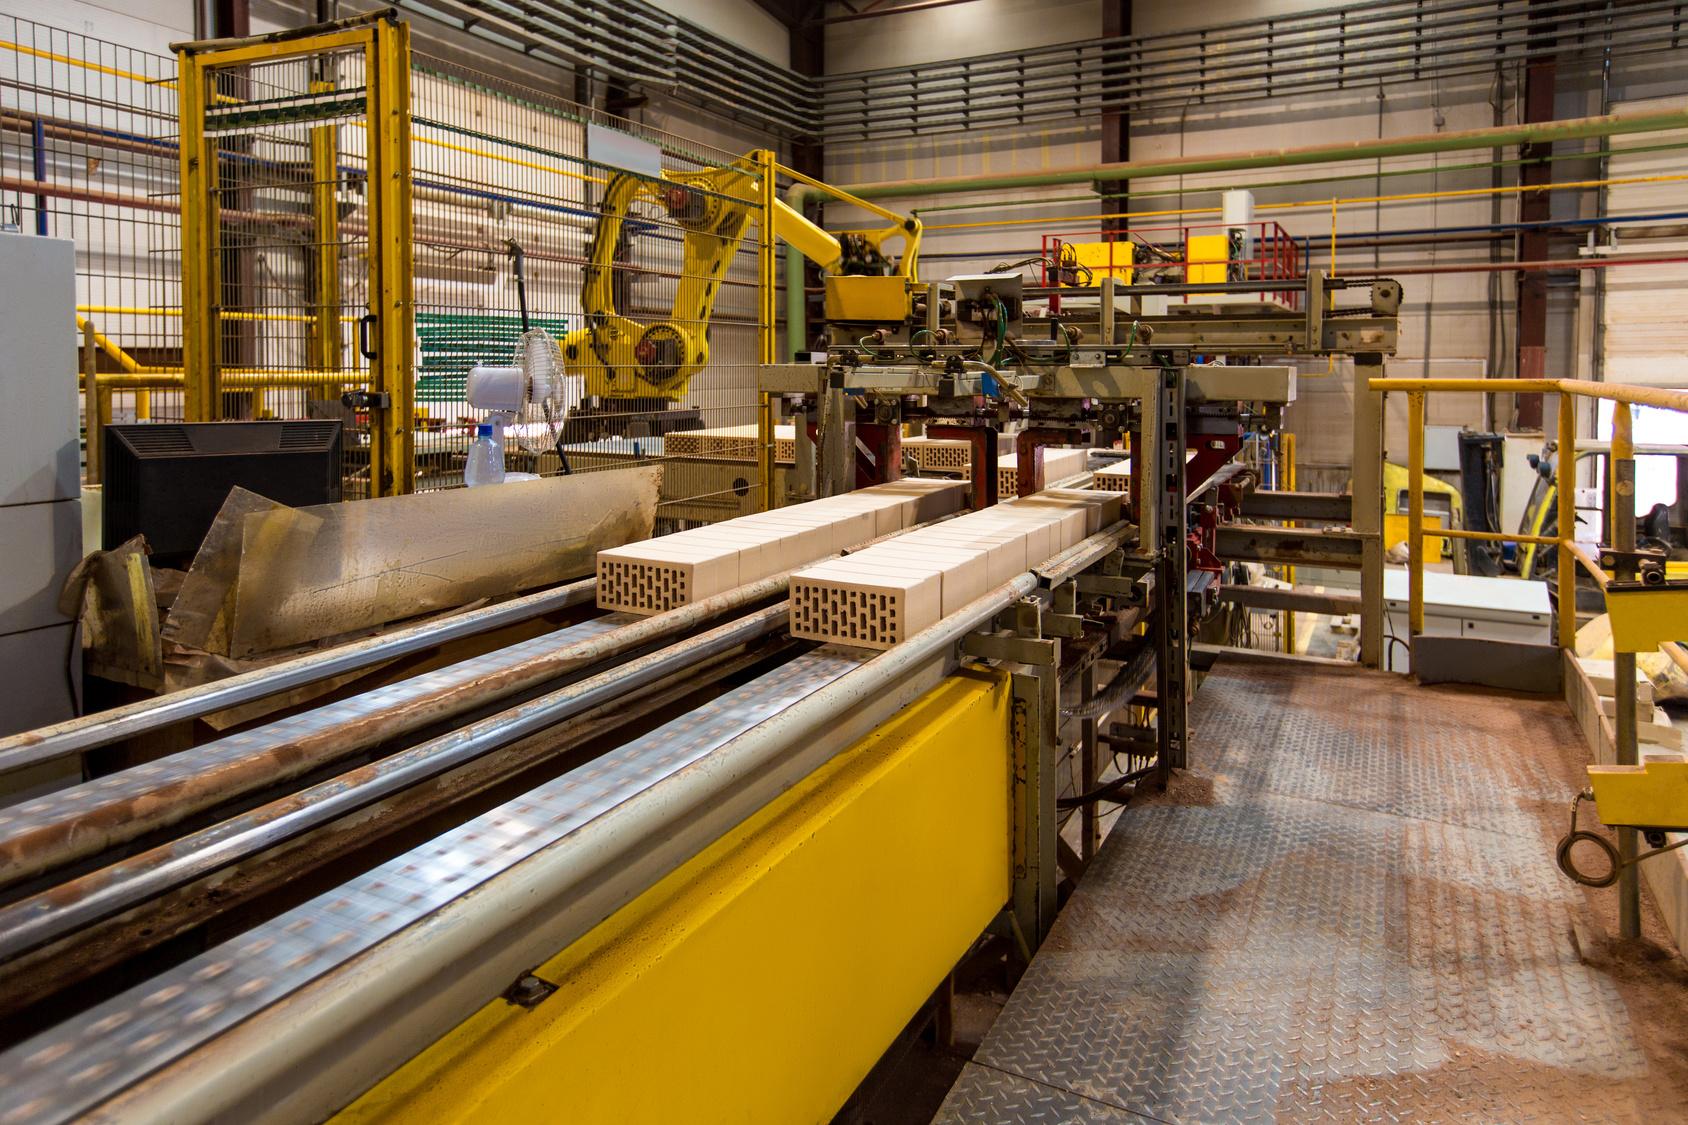 Brickworks. Image of conveyor belt in modern production hall